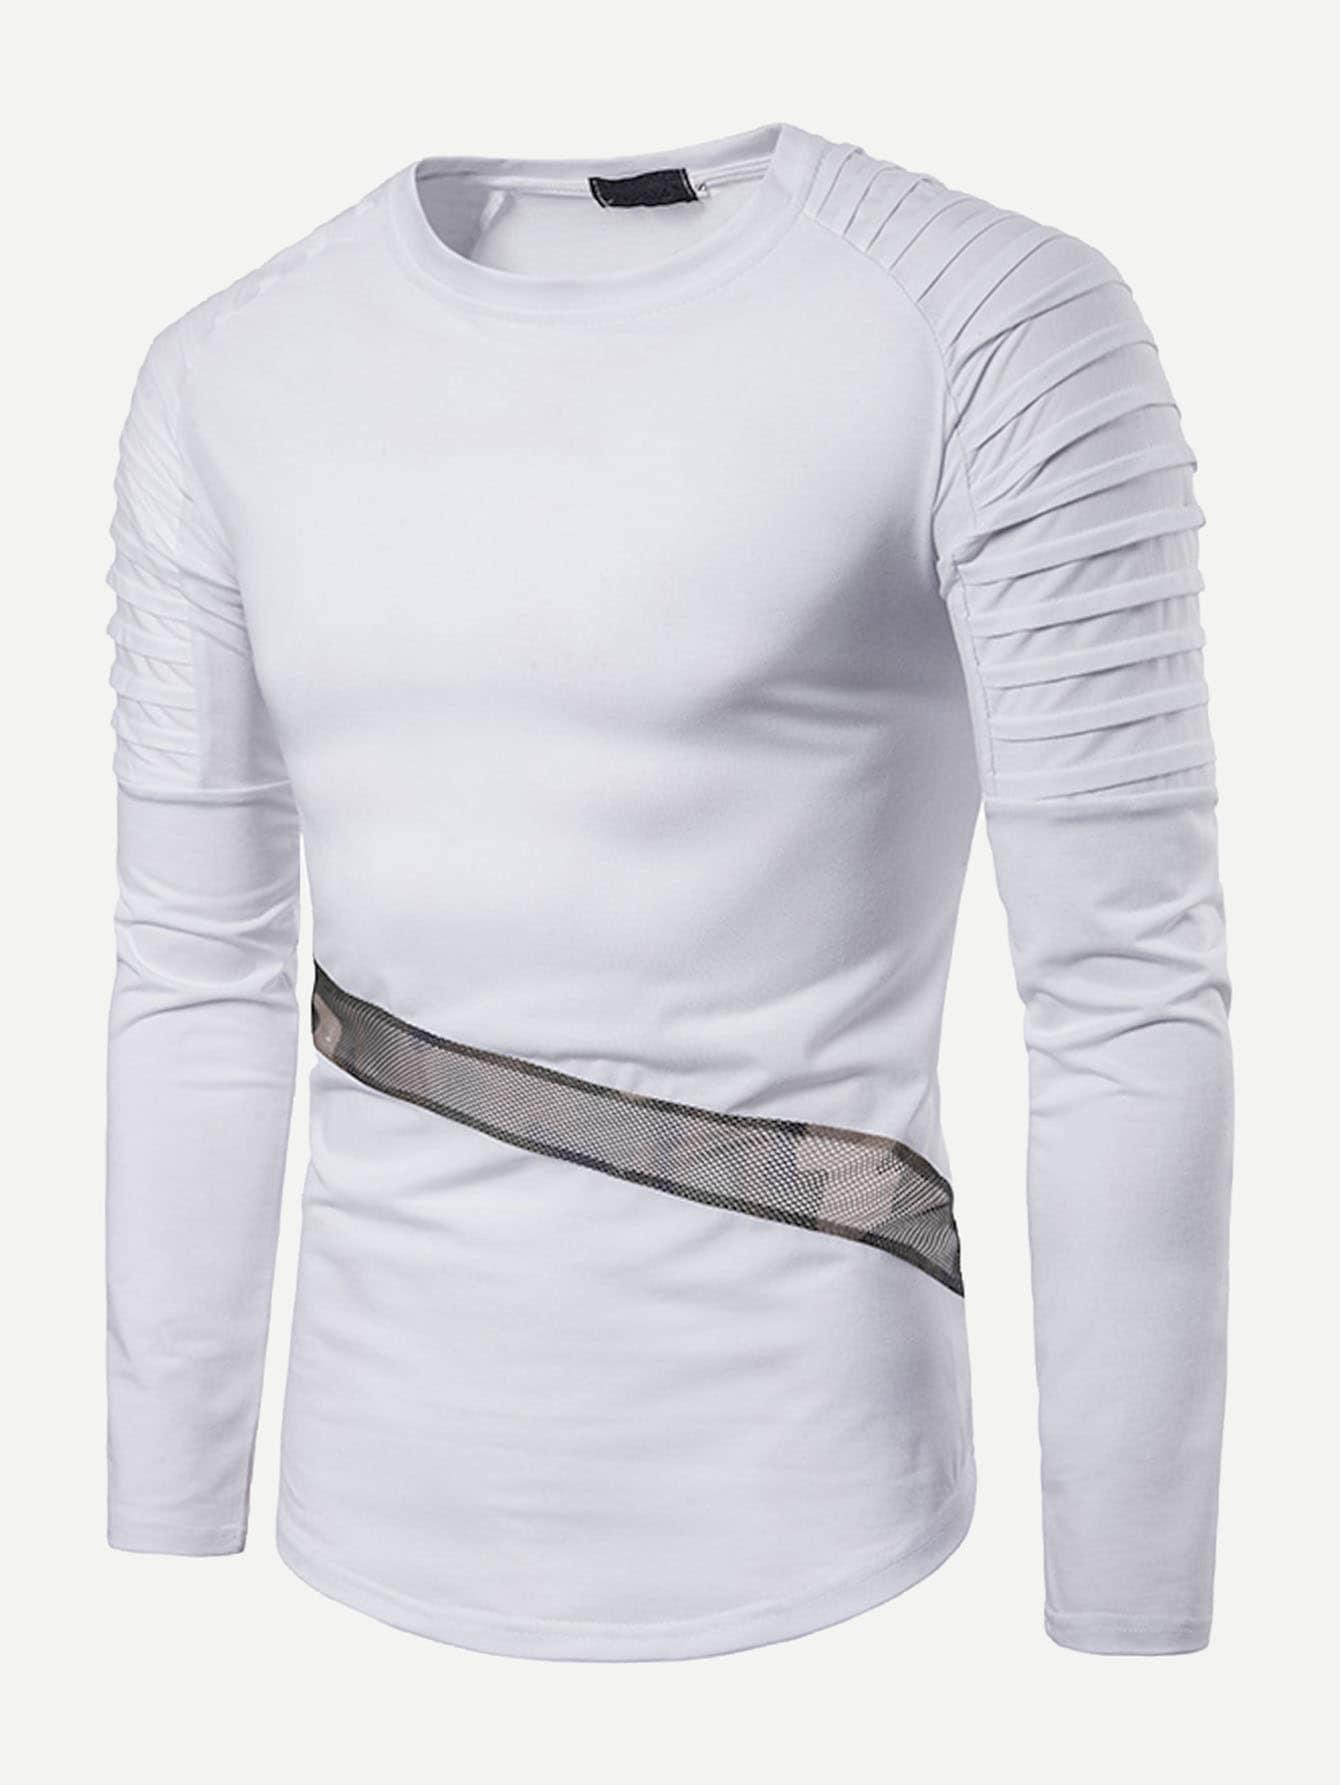 Купить Симметрическая сетчатая футболка с рукав-регланами для мужчины, null, SheIn